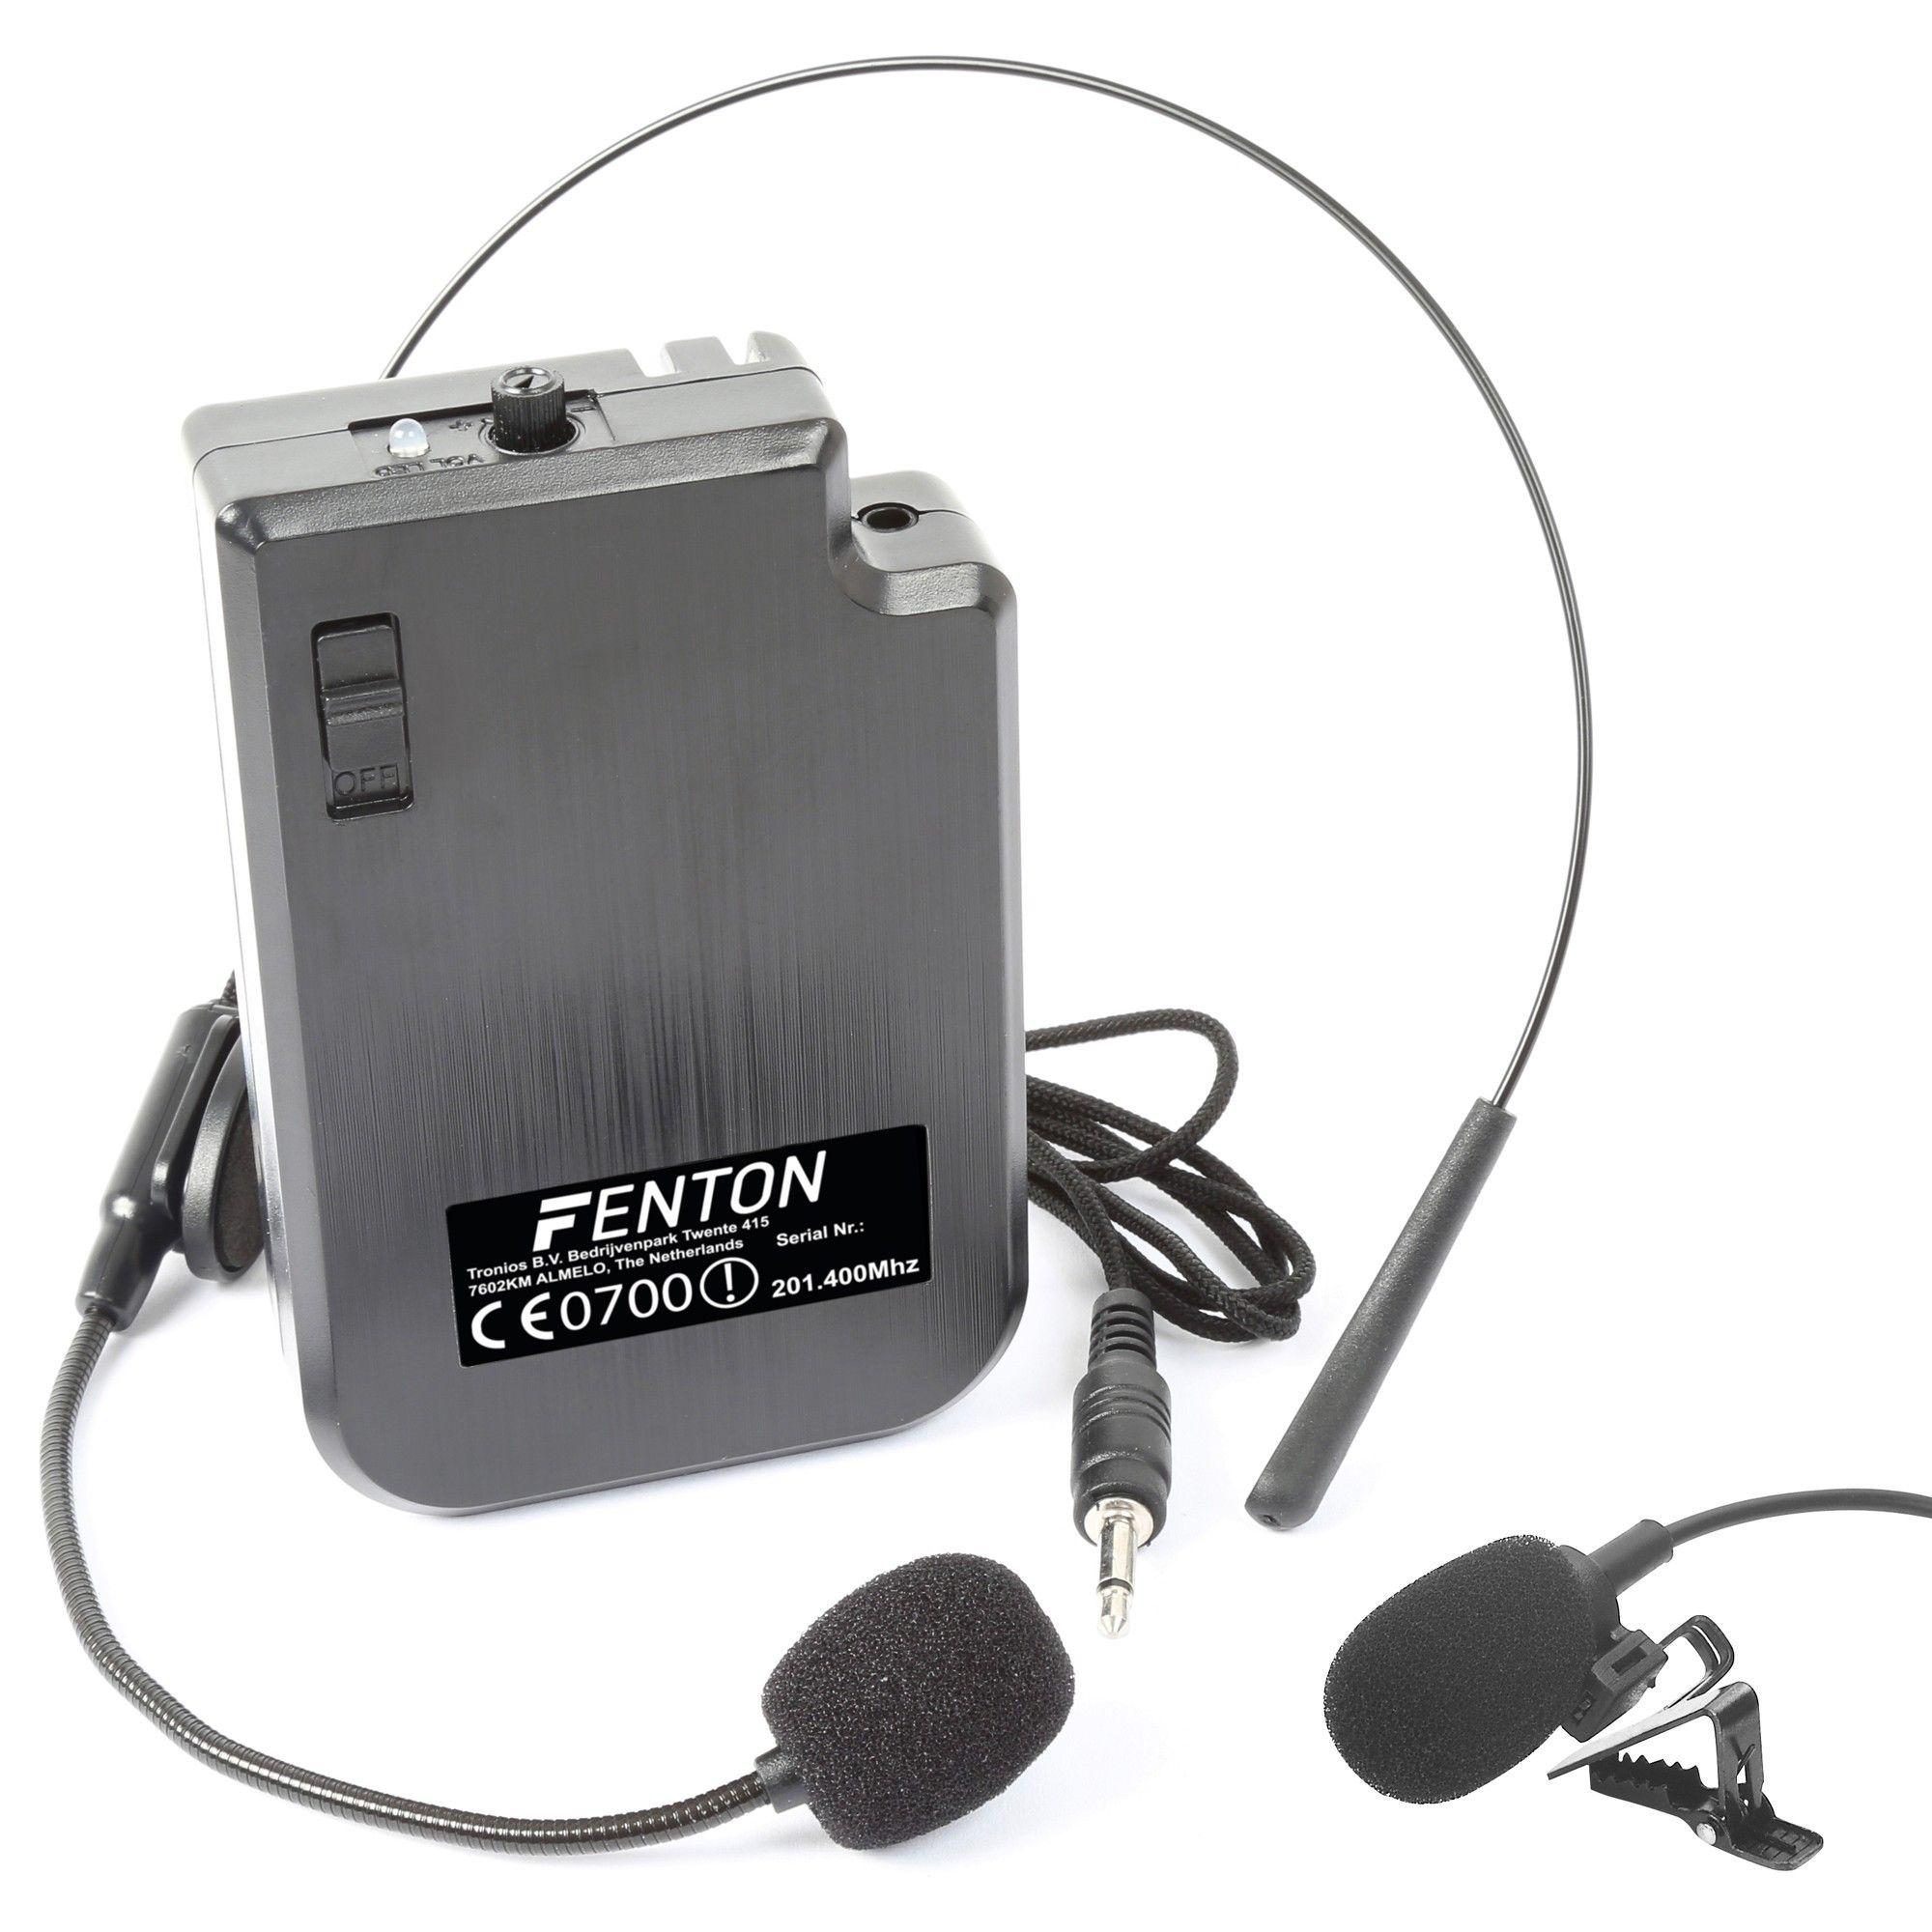 Fenton headset 201.400MHz voor draadloze microfoon systemen